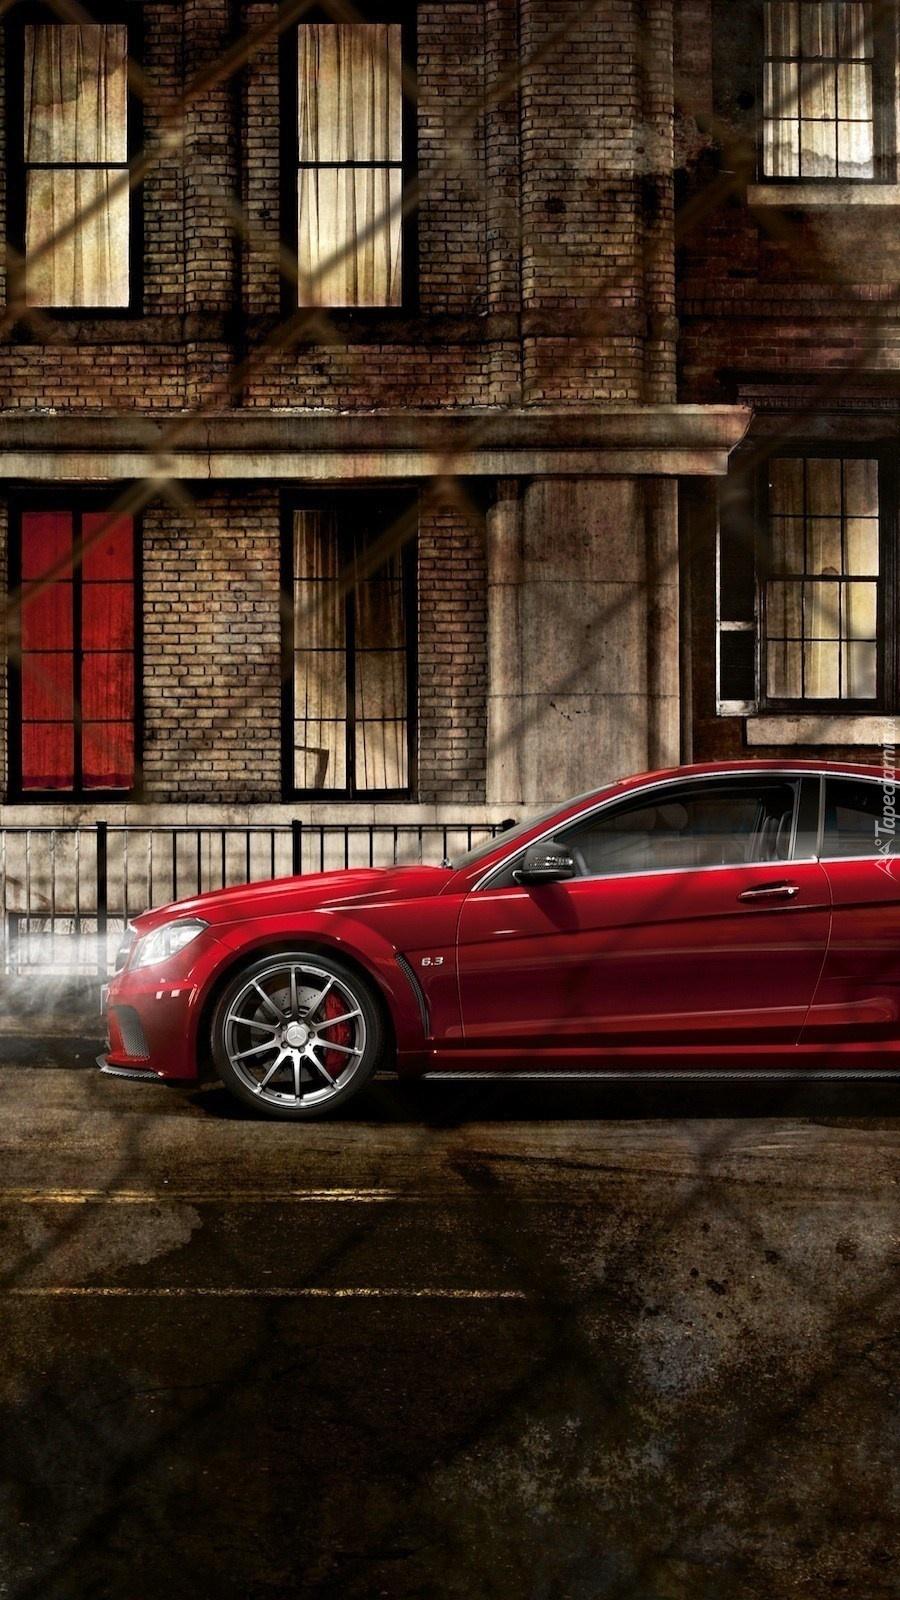 Mercedes pod blokiem na ulicy nocą